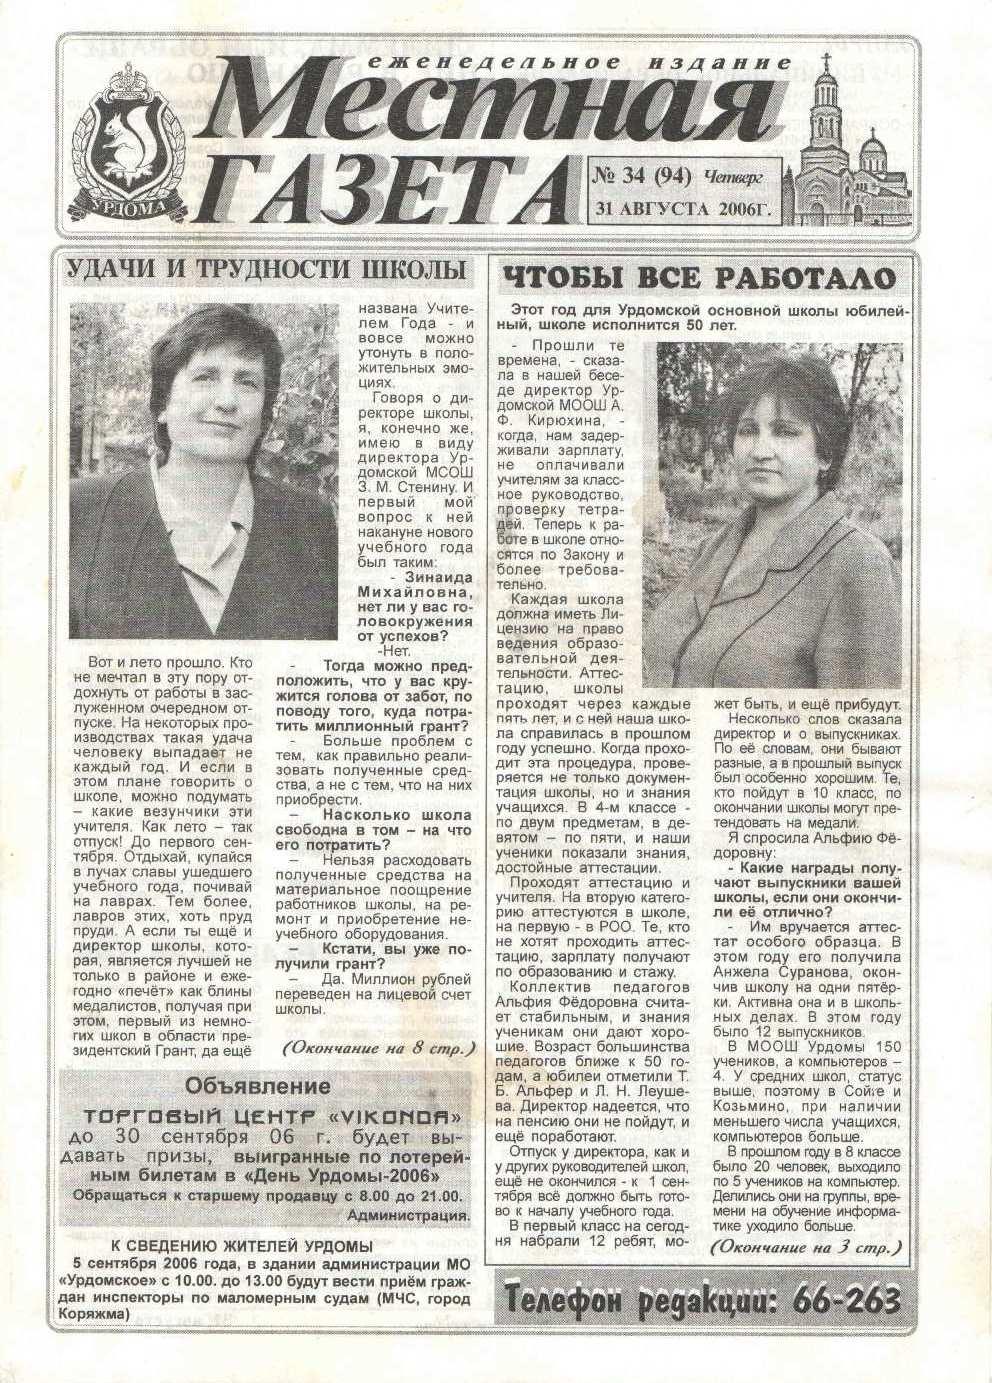 Местная газета ном. 34 (94) от 31.08.2006